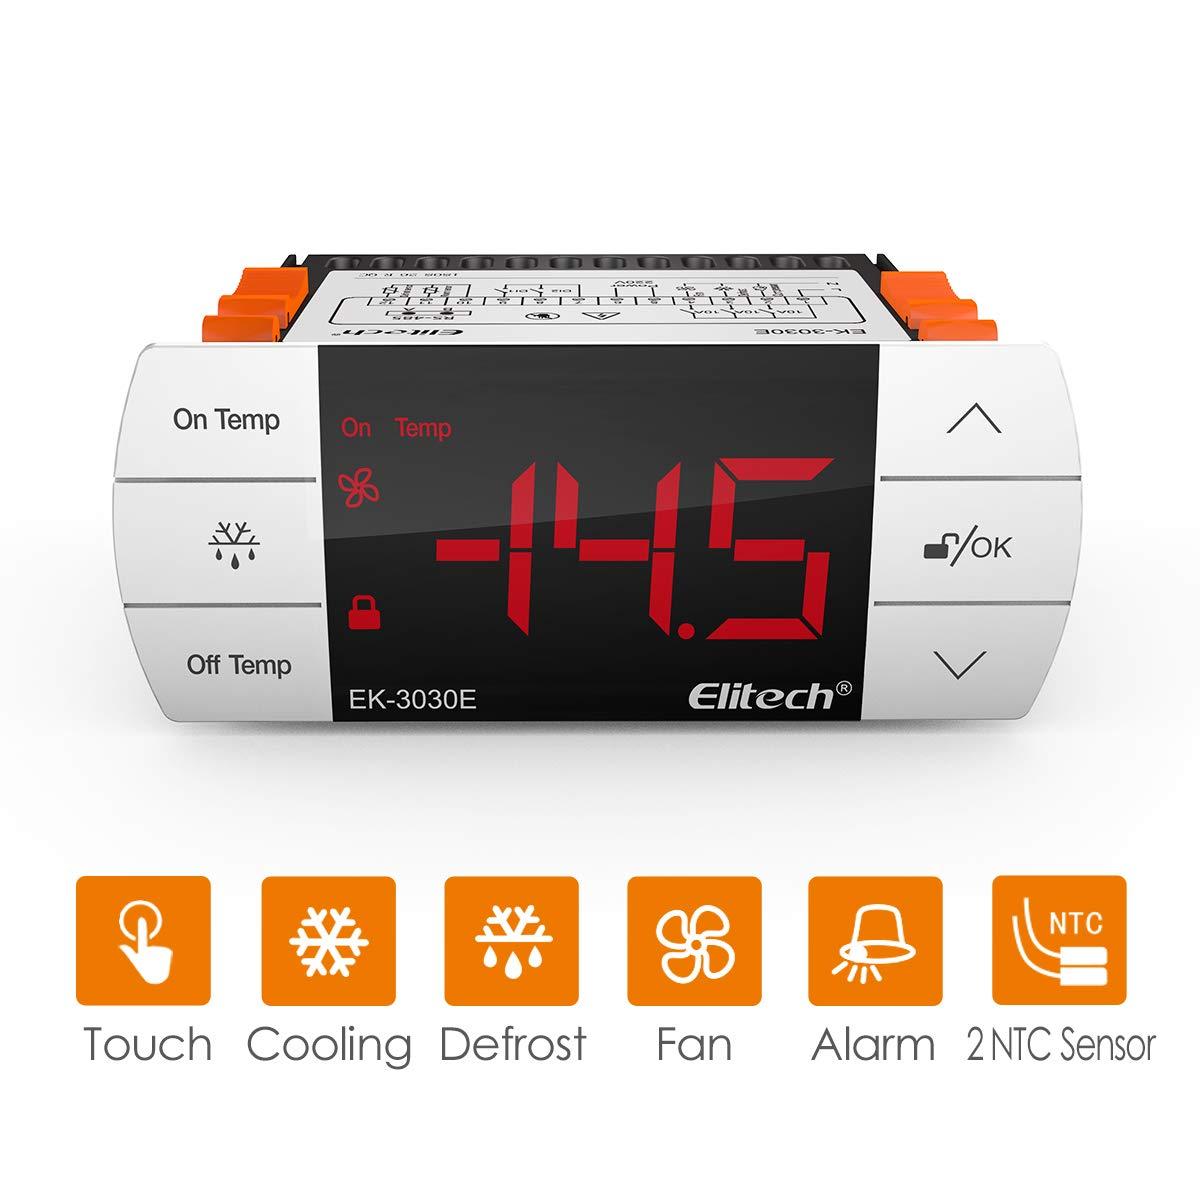 Elitech STC-1000 Controlador de temperatura digital de -40℃-99℃, Termostato Digital Calefacción y Refrigeración ek-3030e, Descongelación forzada, IP65, Botón táctil